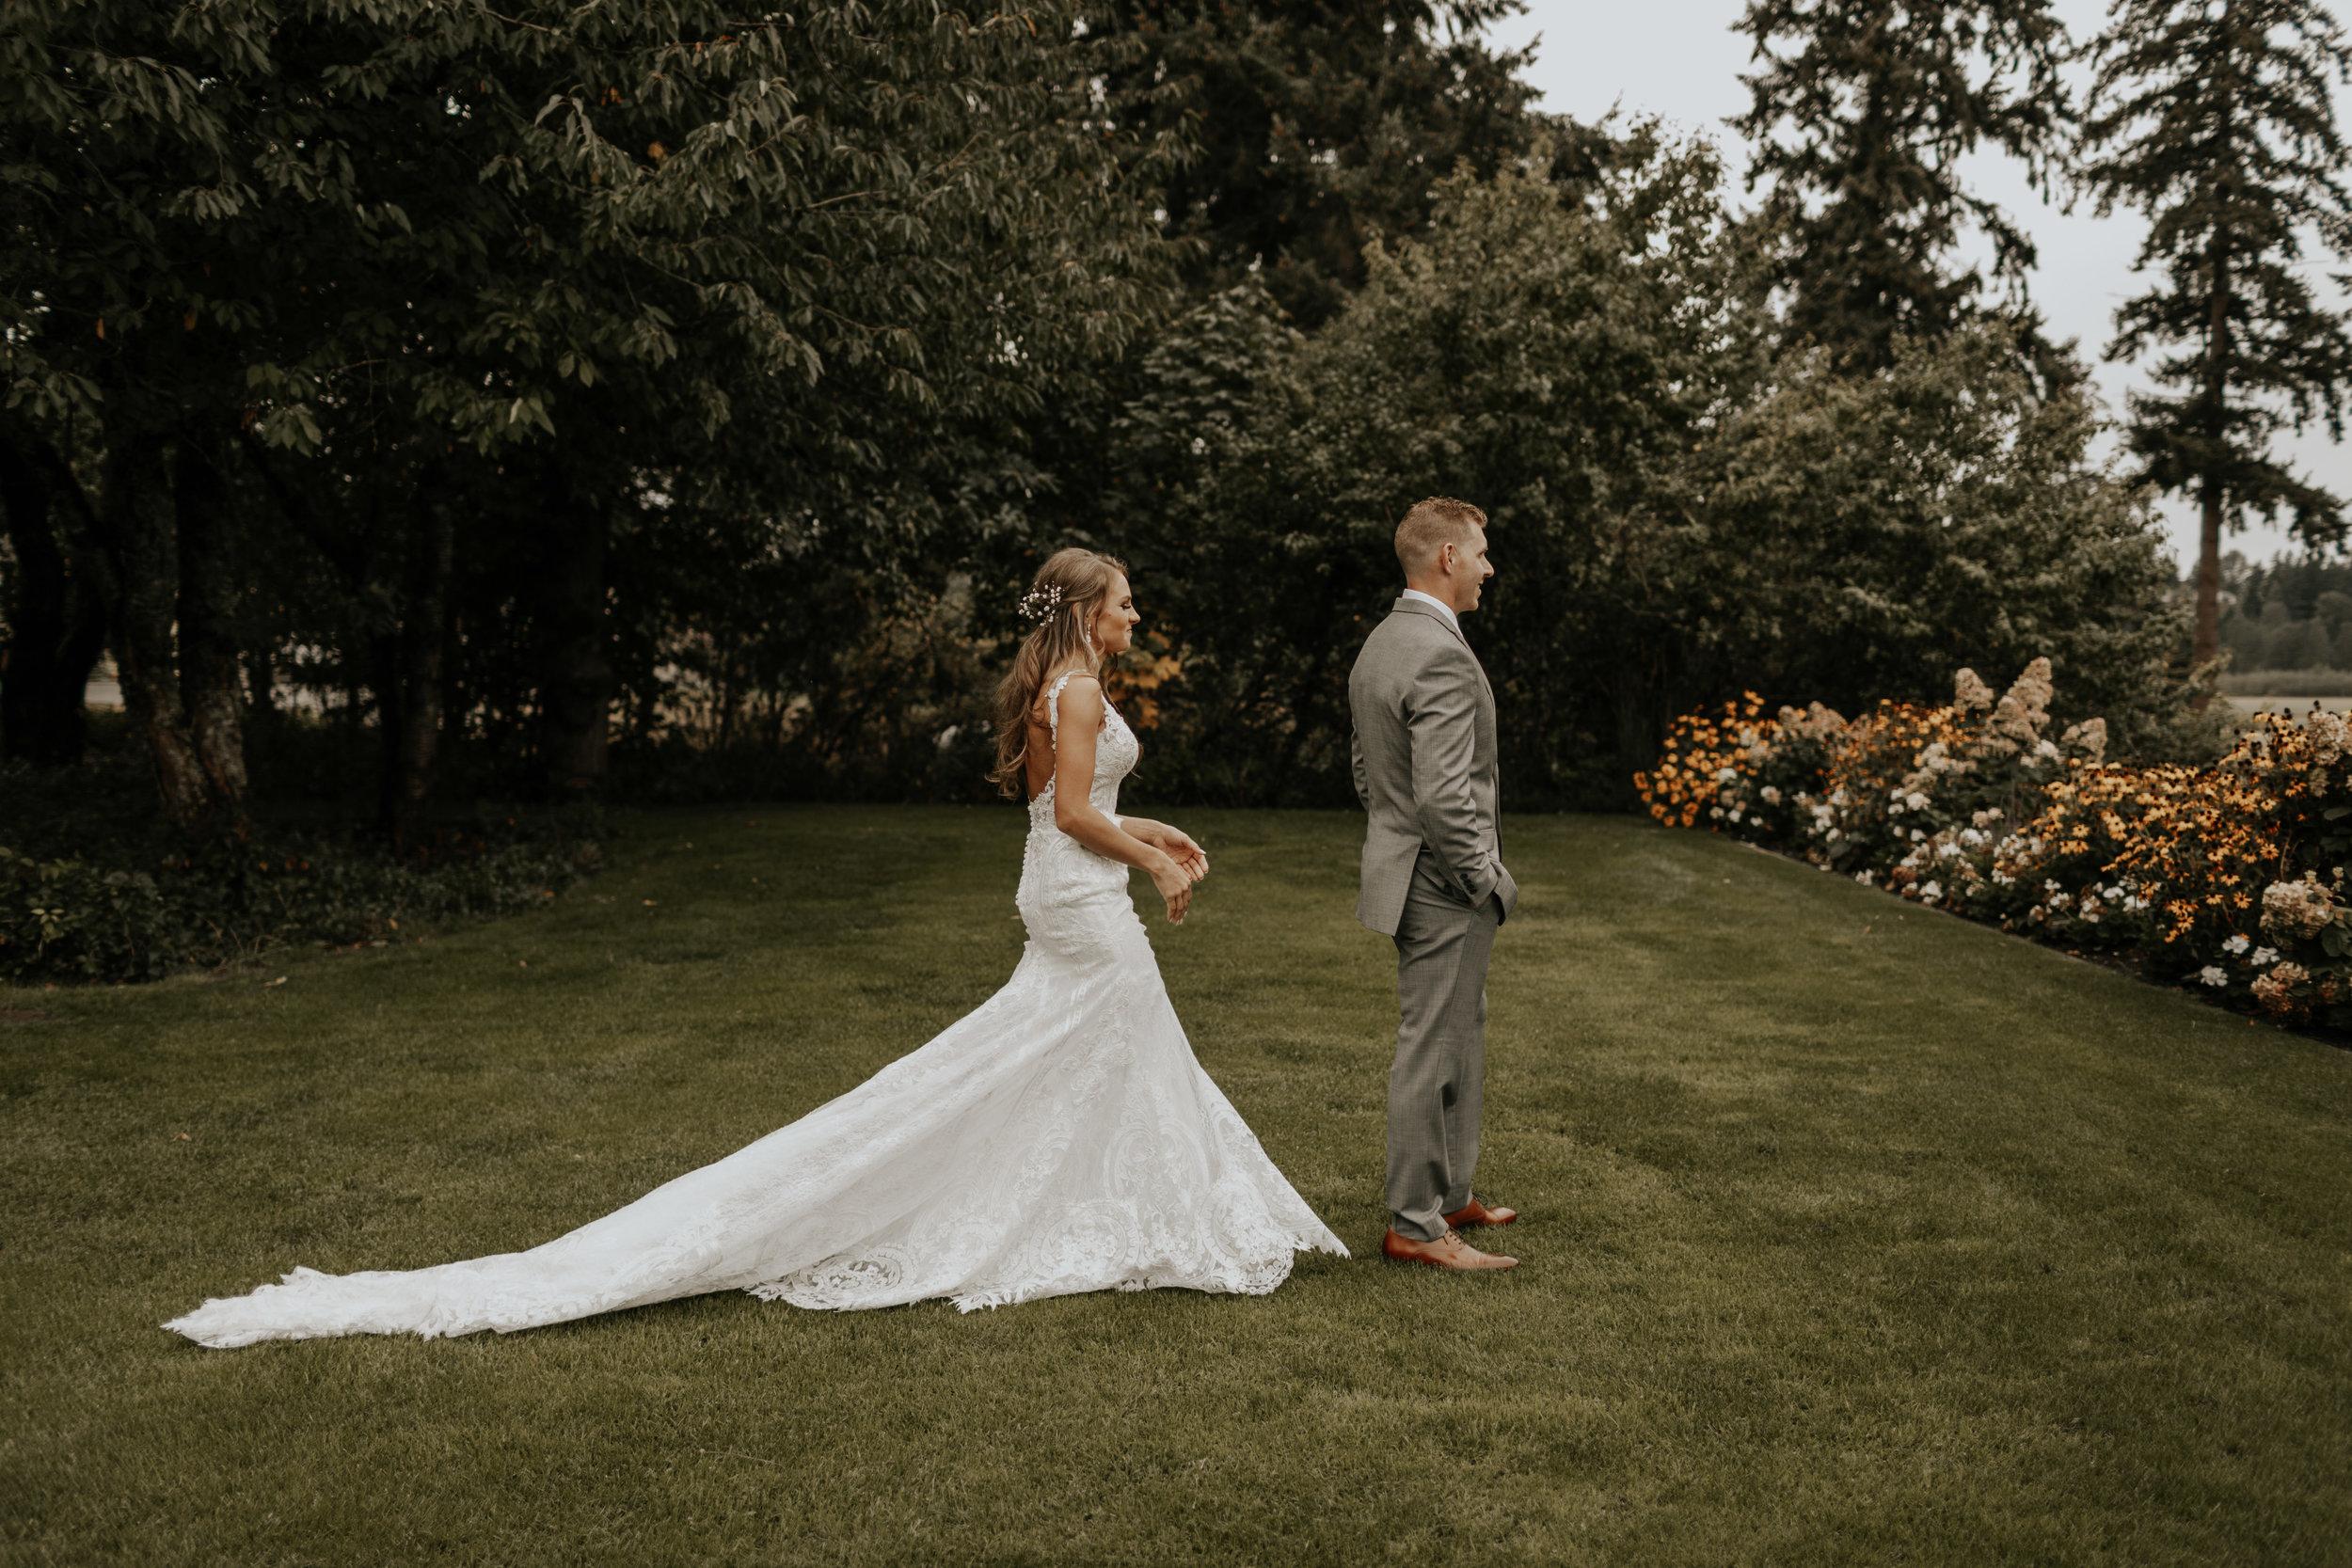 ginapaulson_katjohn_wedding-89.jpg